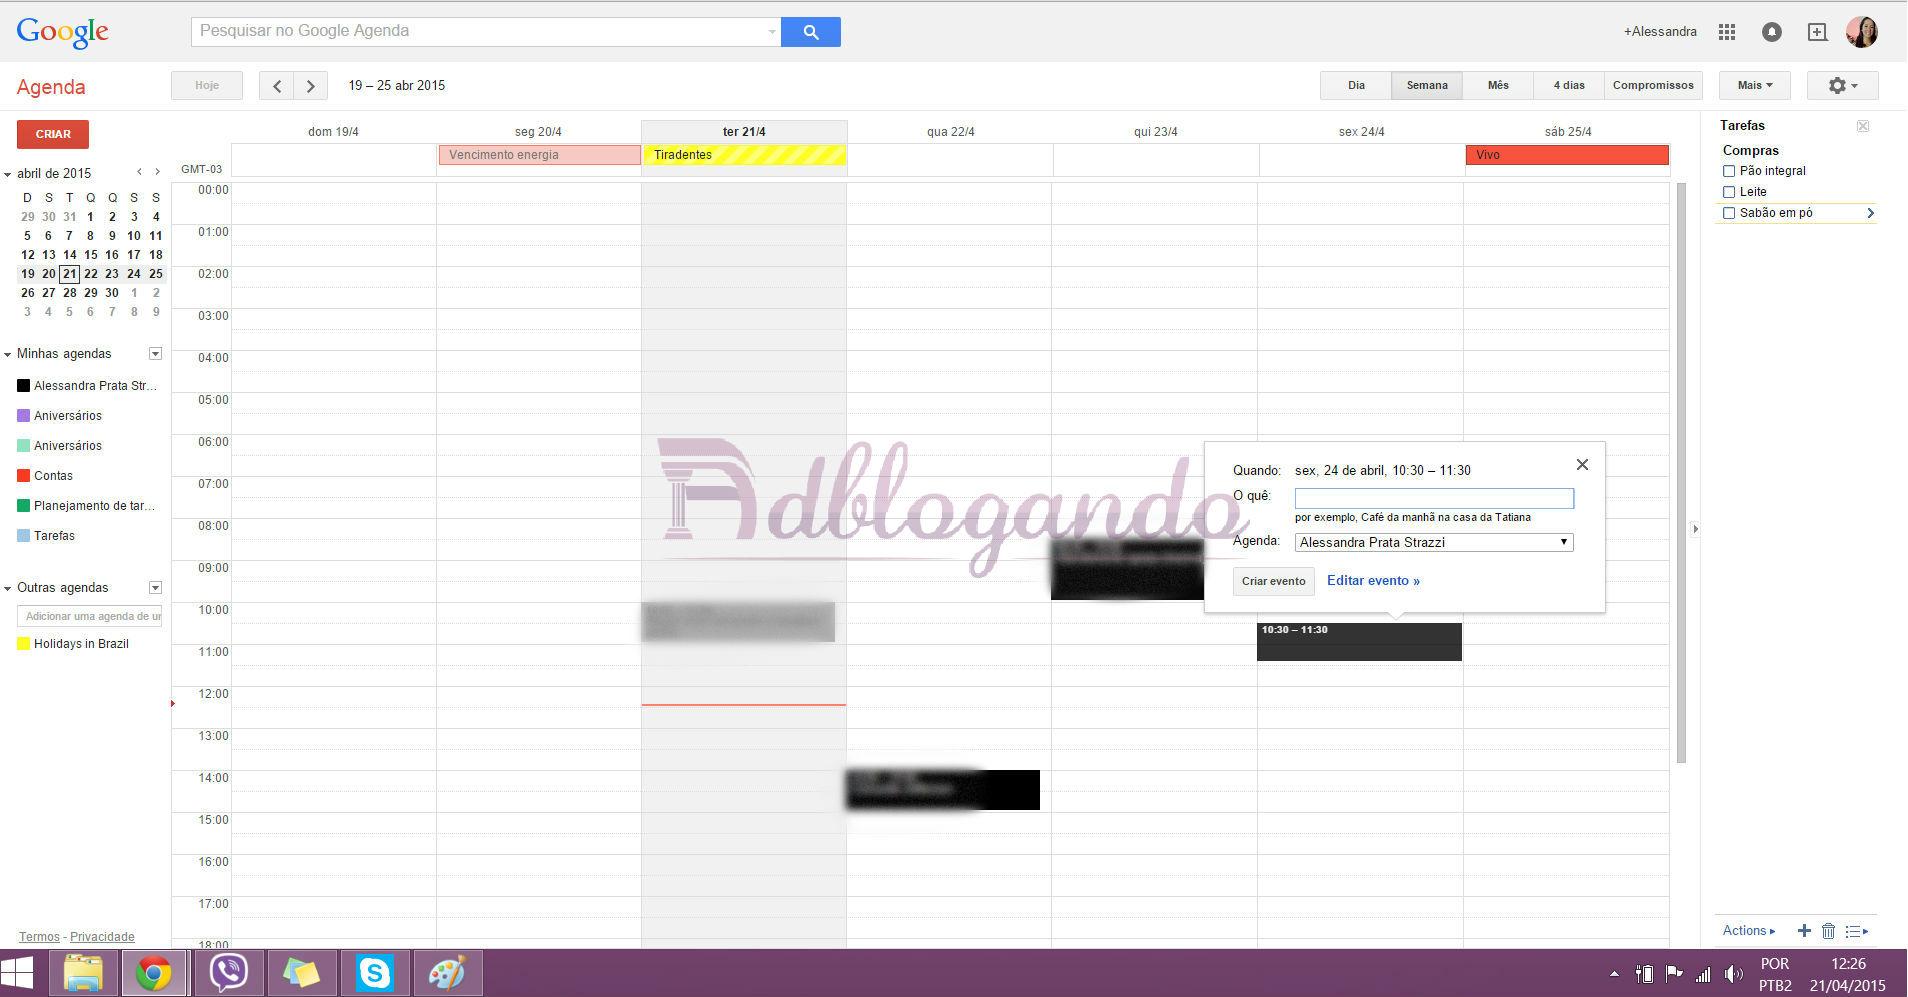 Criando compromissos na Google Agenda